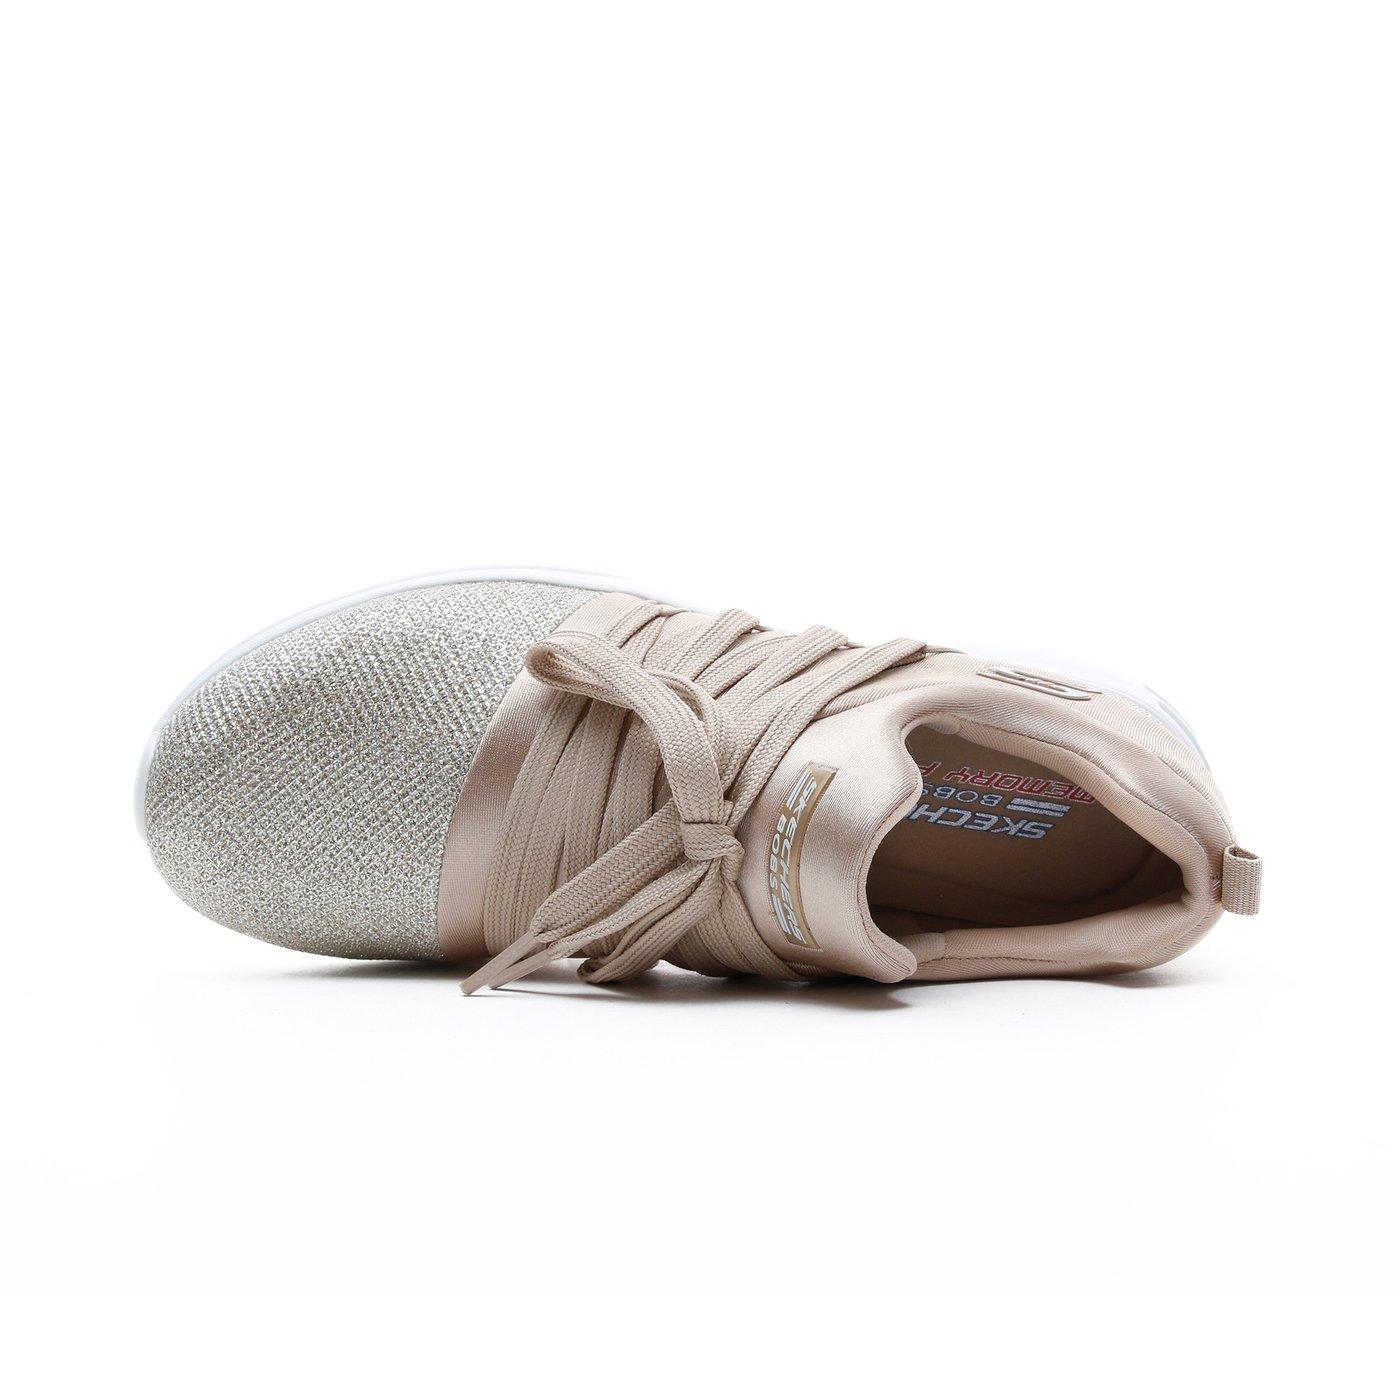 Skechers Bobs Sparrow Gri Kadın Spor Ayakkabı